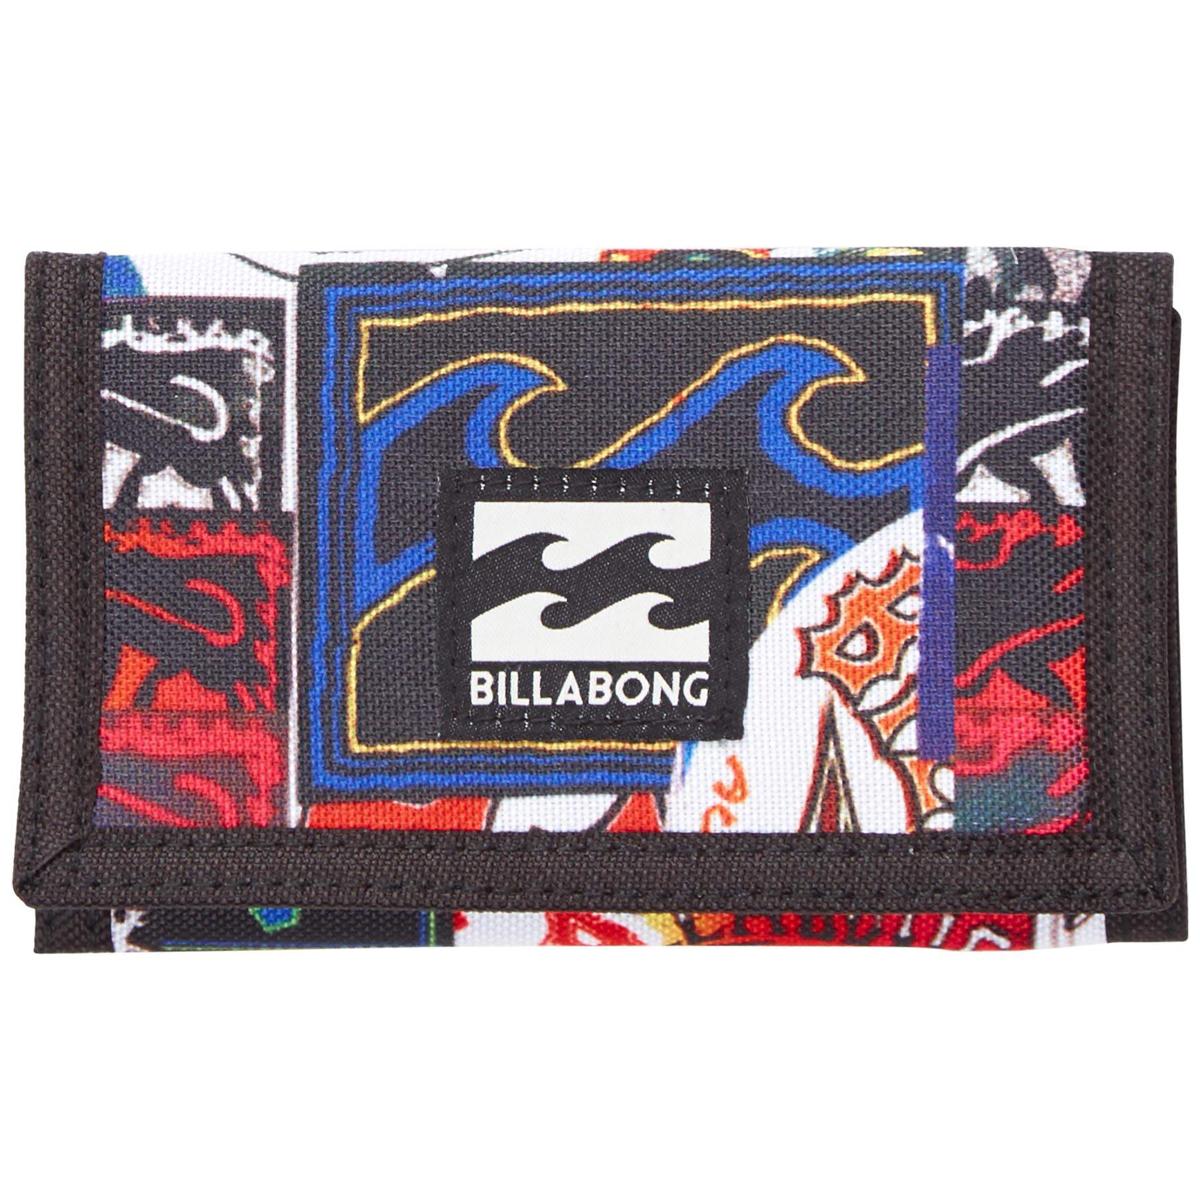 Кошелек дорожный Billabong Atom Wallet, цвет: мультиколор, 1 л. Z5WL02Z5WL02Классический тряпичный кошелек с новыми расцветками от Billabong.